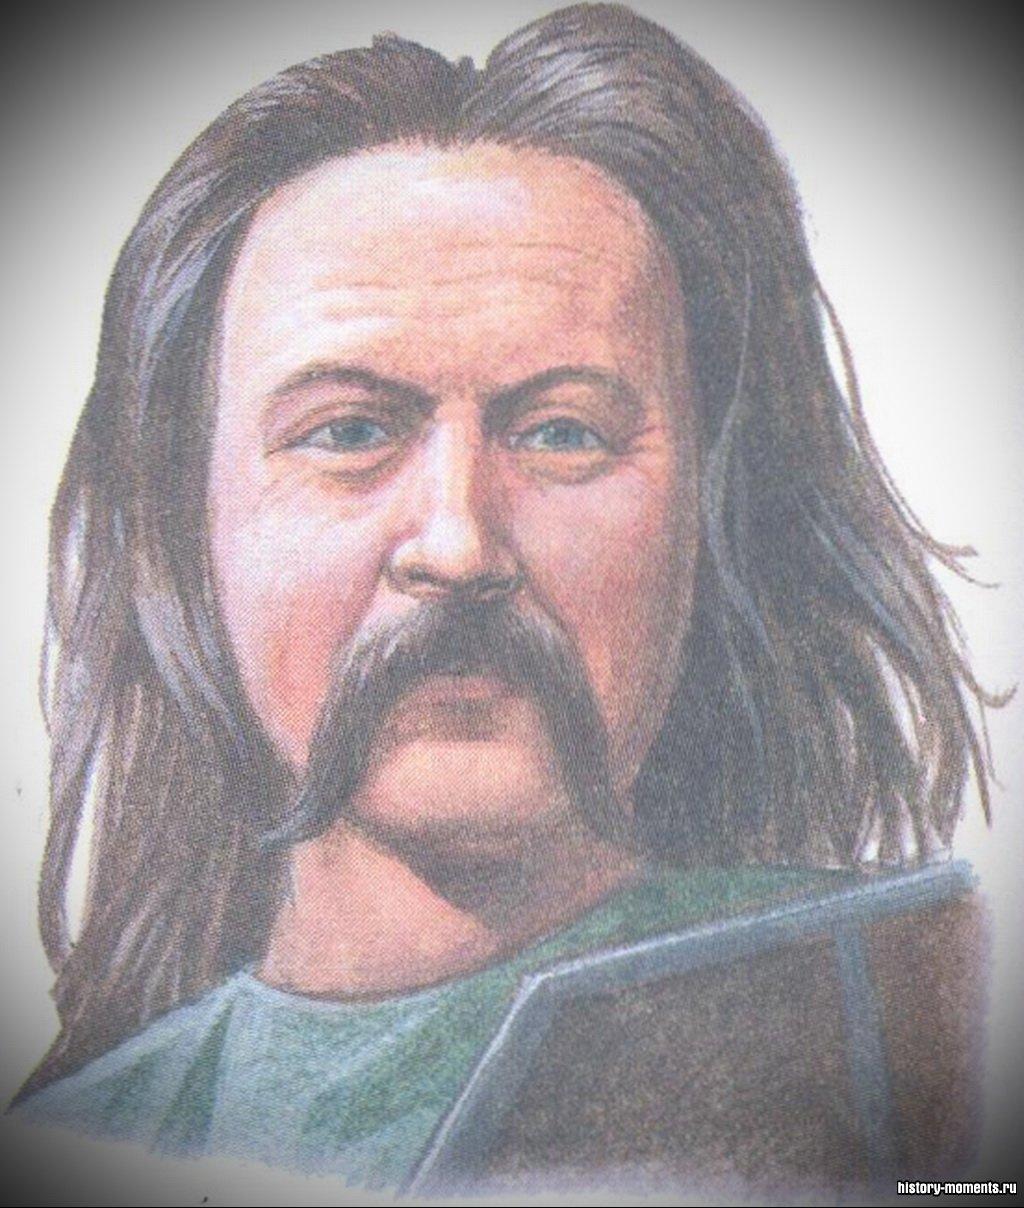 Верцингеториг, предводитель галлов (в древней Франции), выиграл несколько сражений против римлян, но был побежден Юлием Цезарем в 52 г. до н. э.